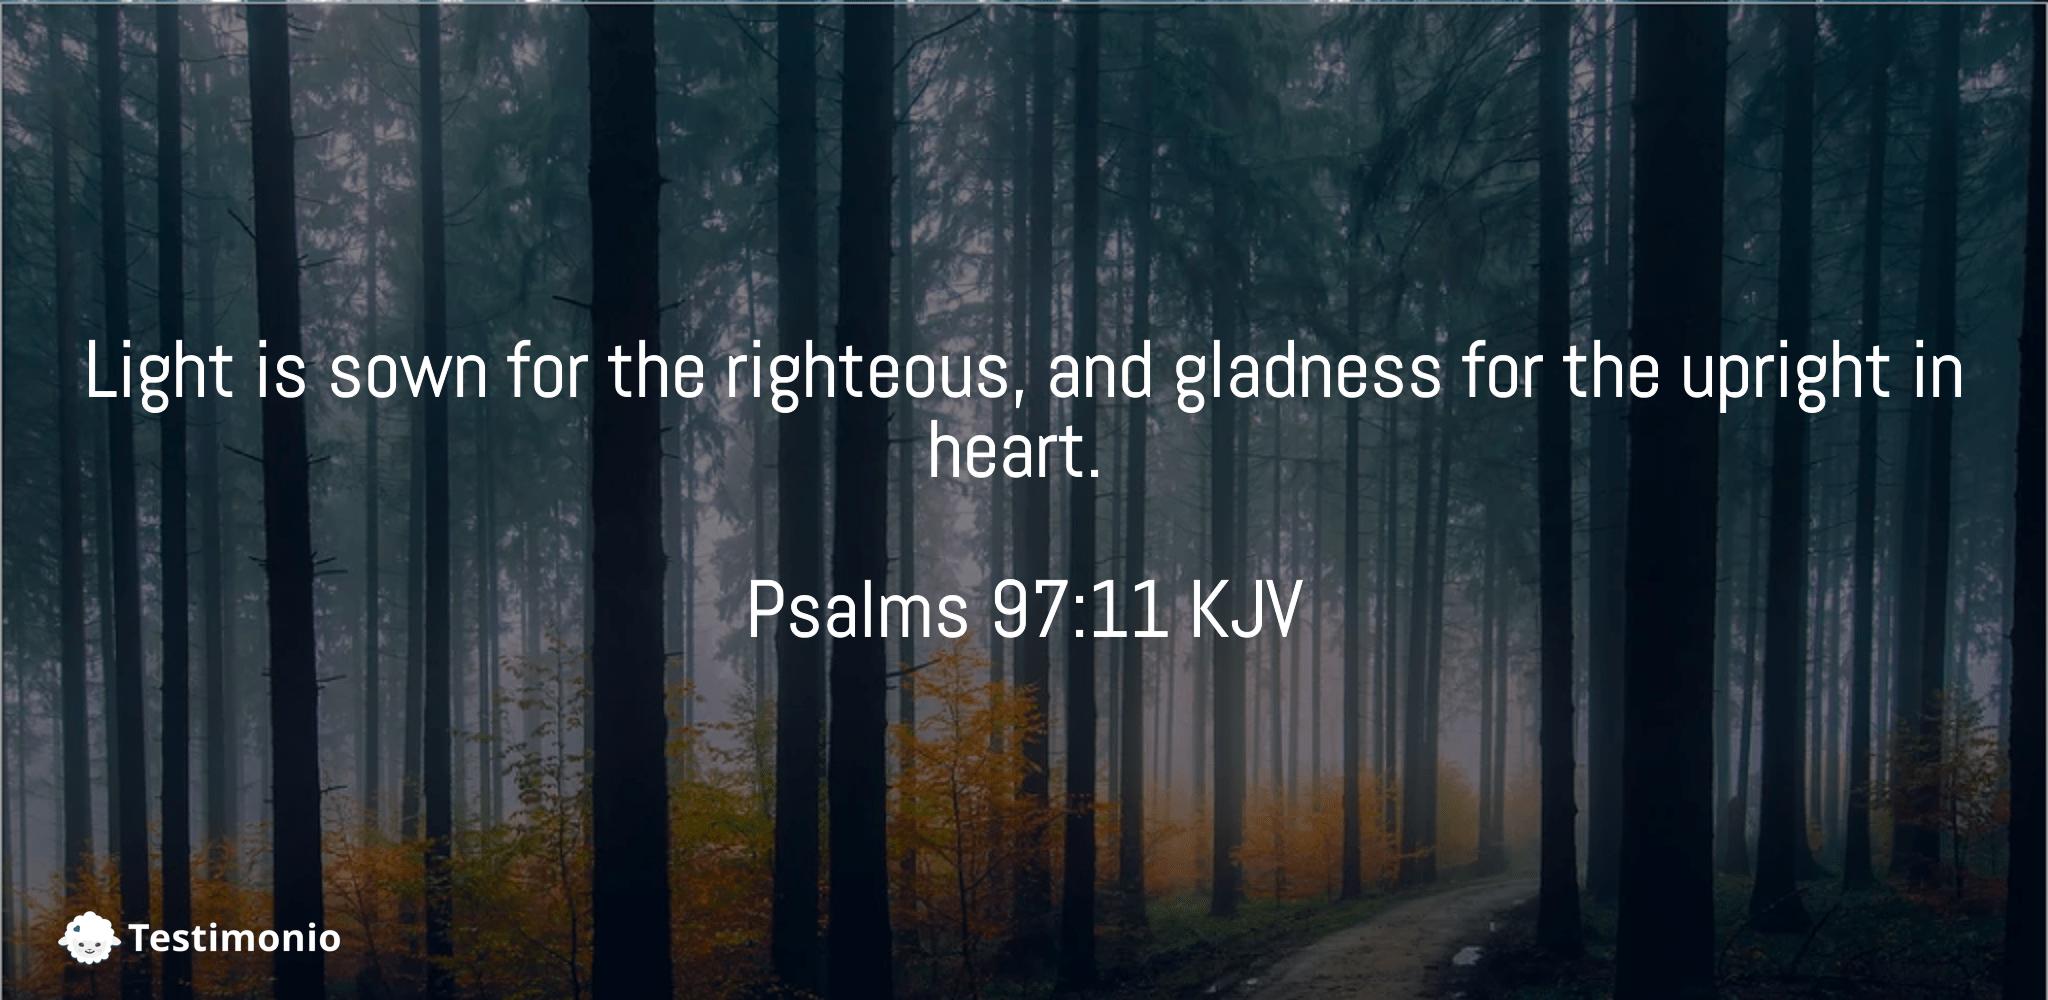 Psalms 97:11